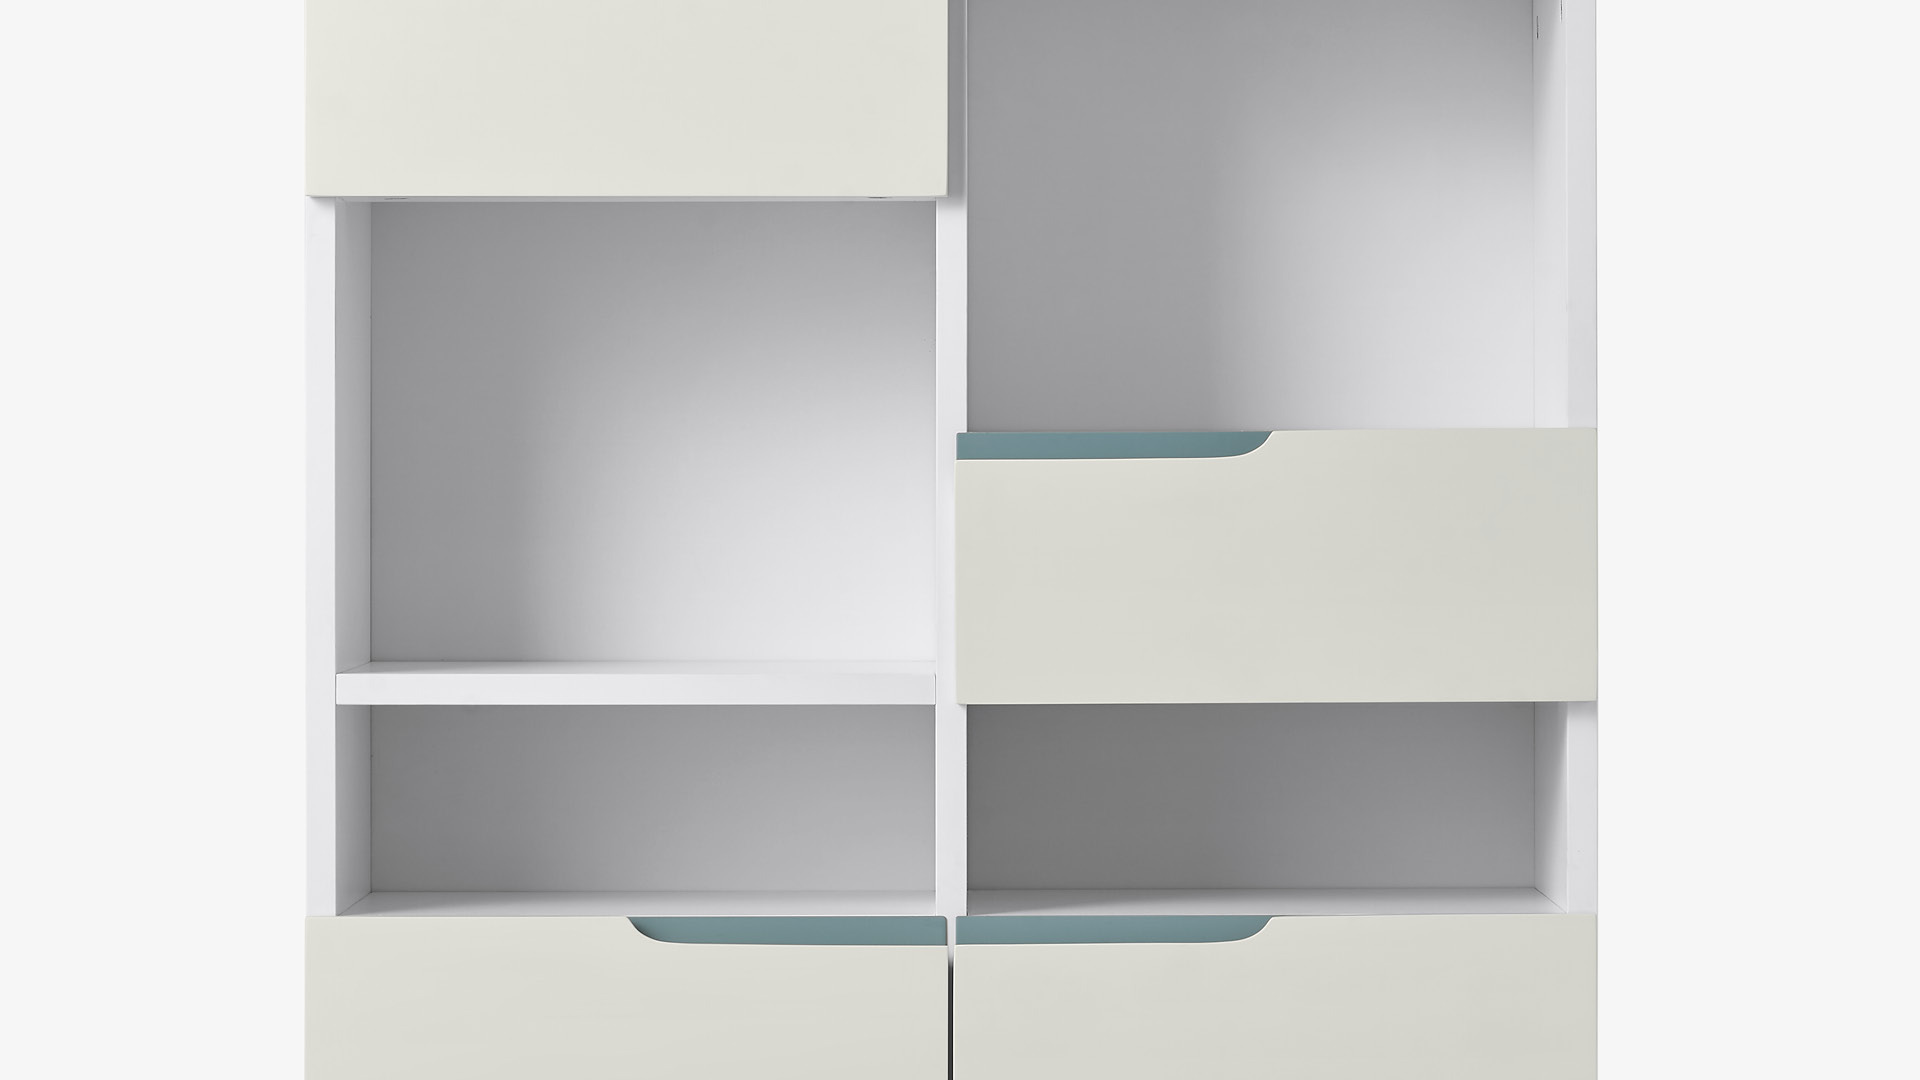 可调节层板,适应不同尺寸储物需求